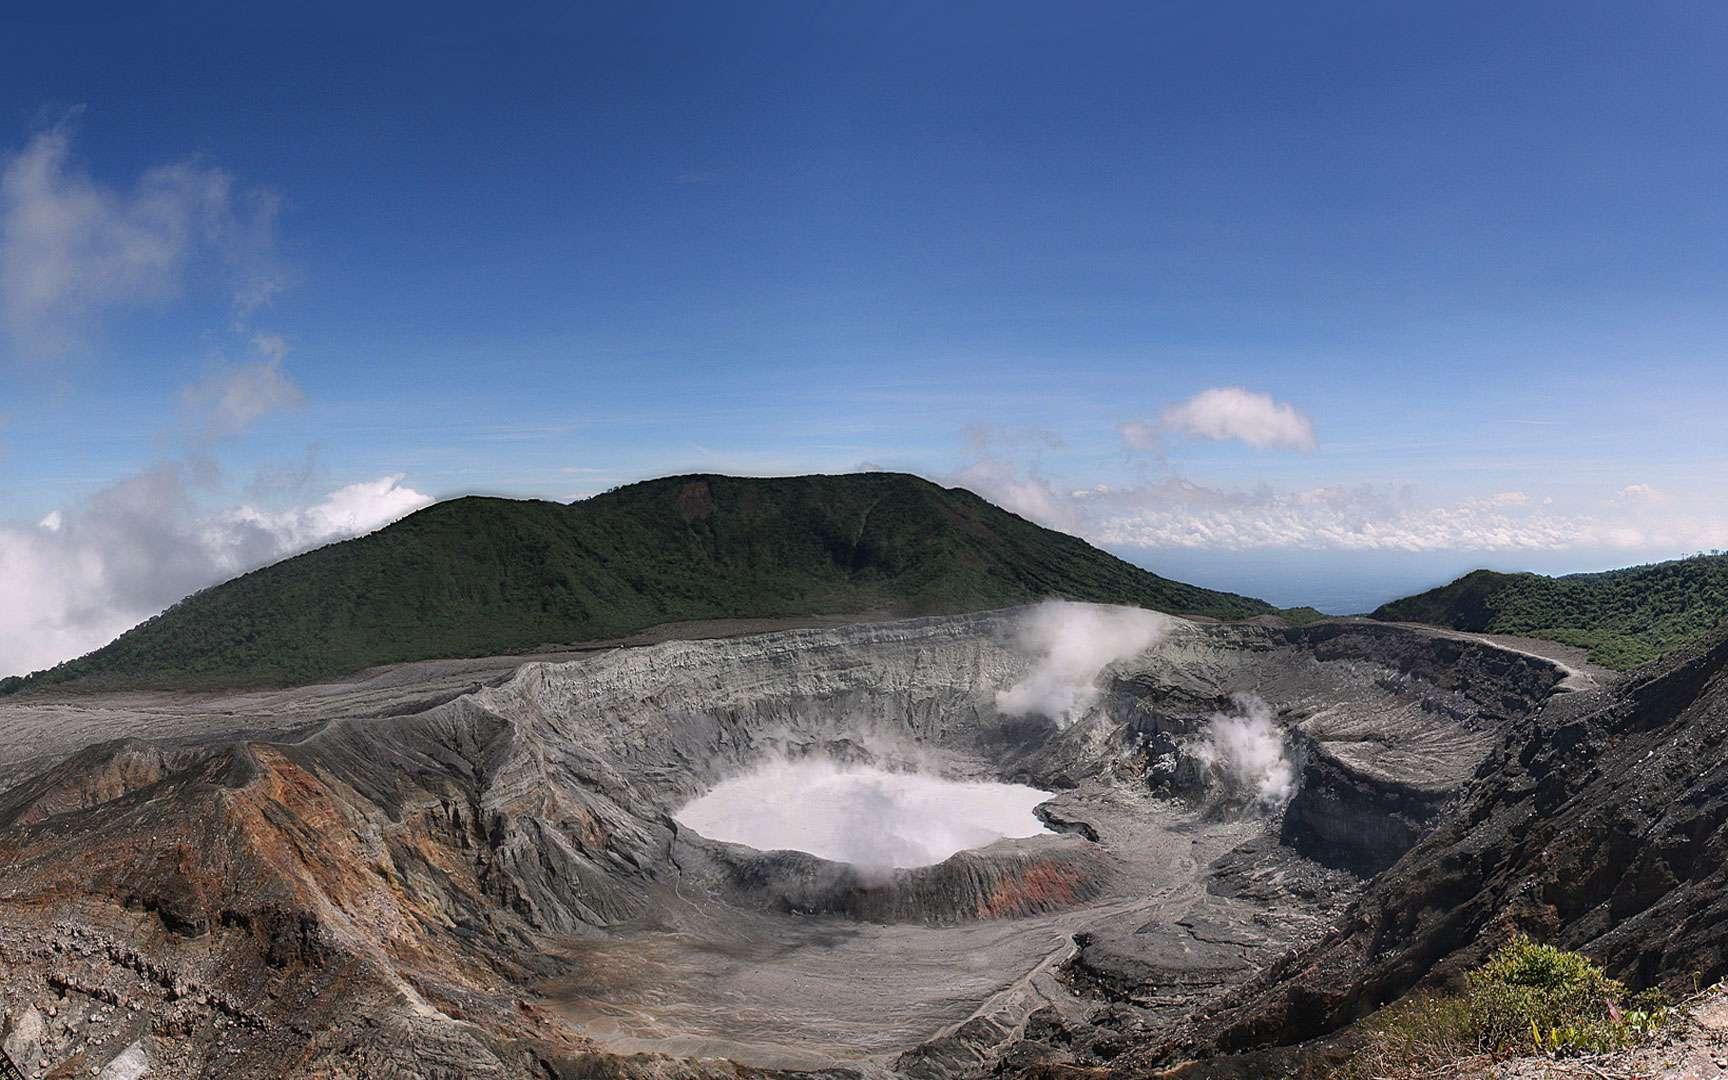 Cratère Poàs - Costa Rica. Vue panoramique du cratère du volcan Poàs Costa Rica © Scott Robinson from Rockville, MD, USA Licence Creative Commons paternité 2.0 générique